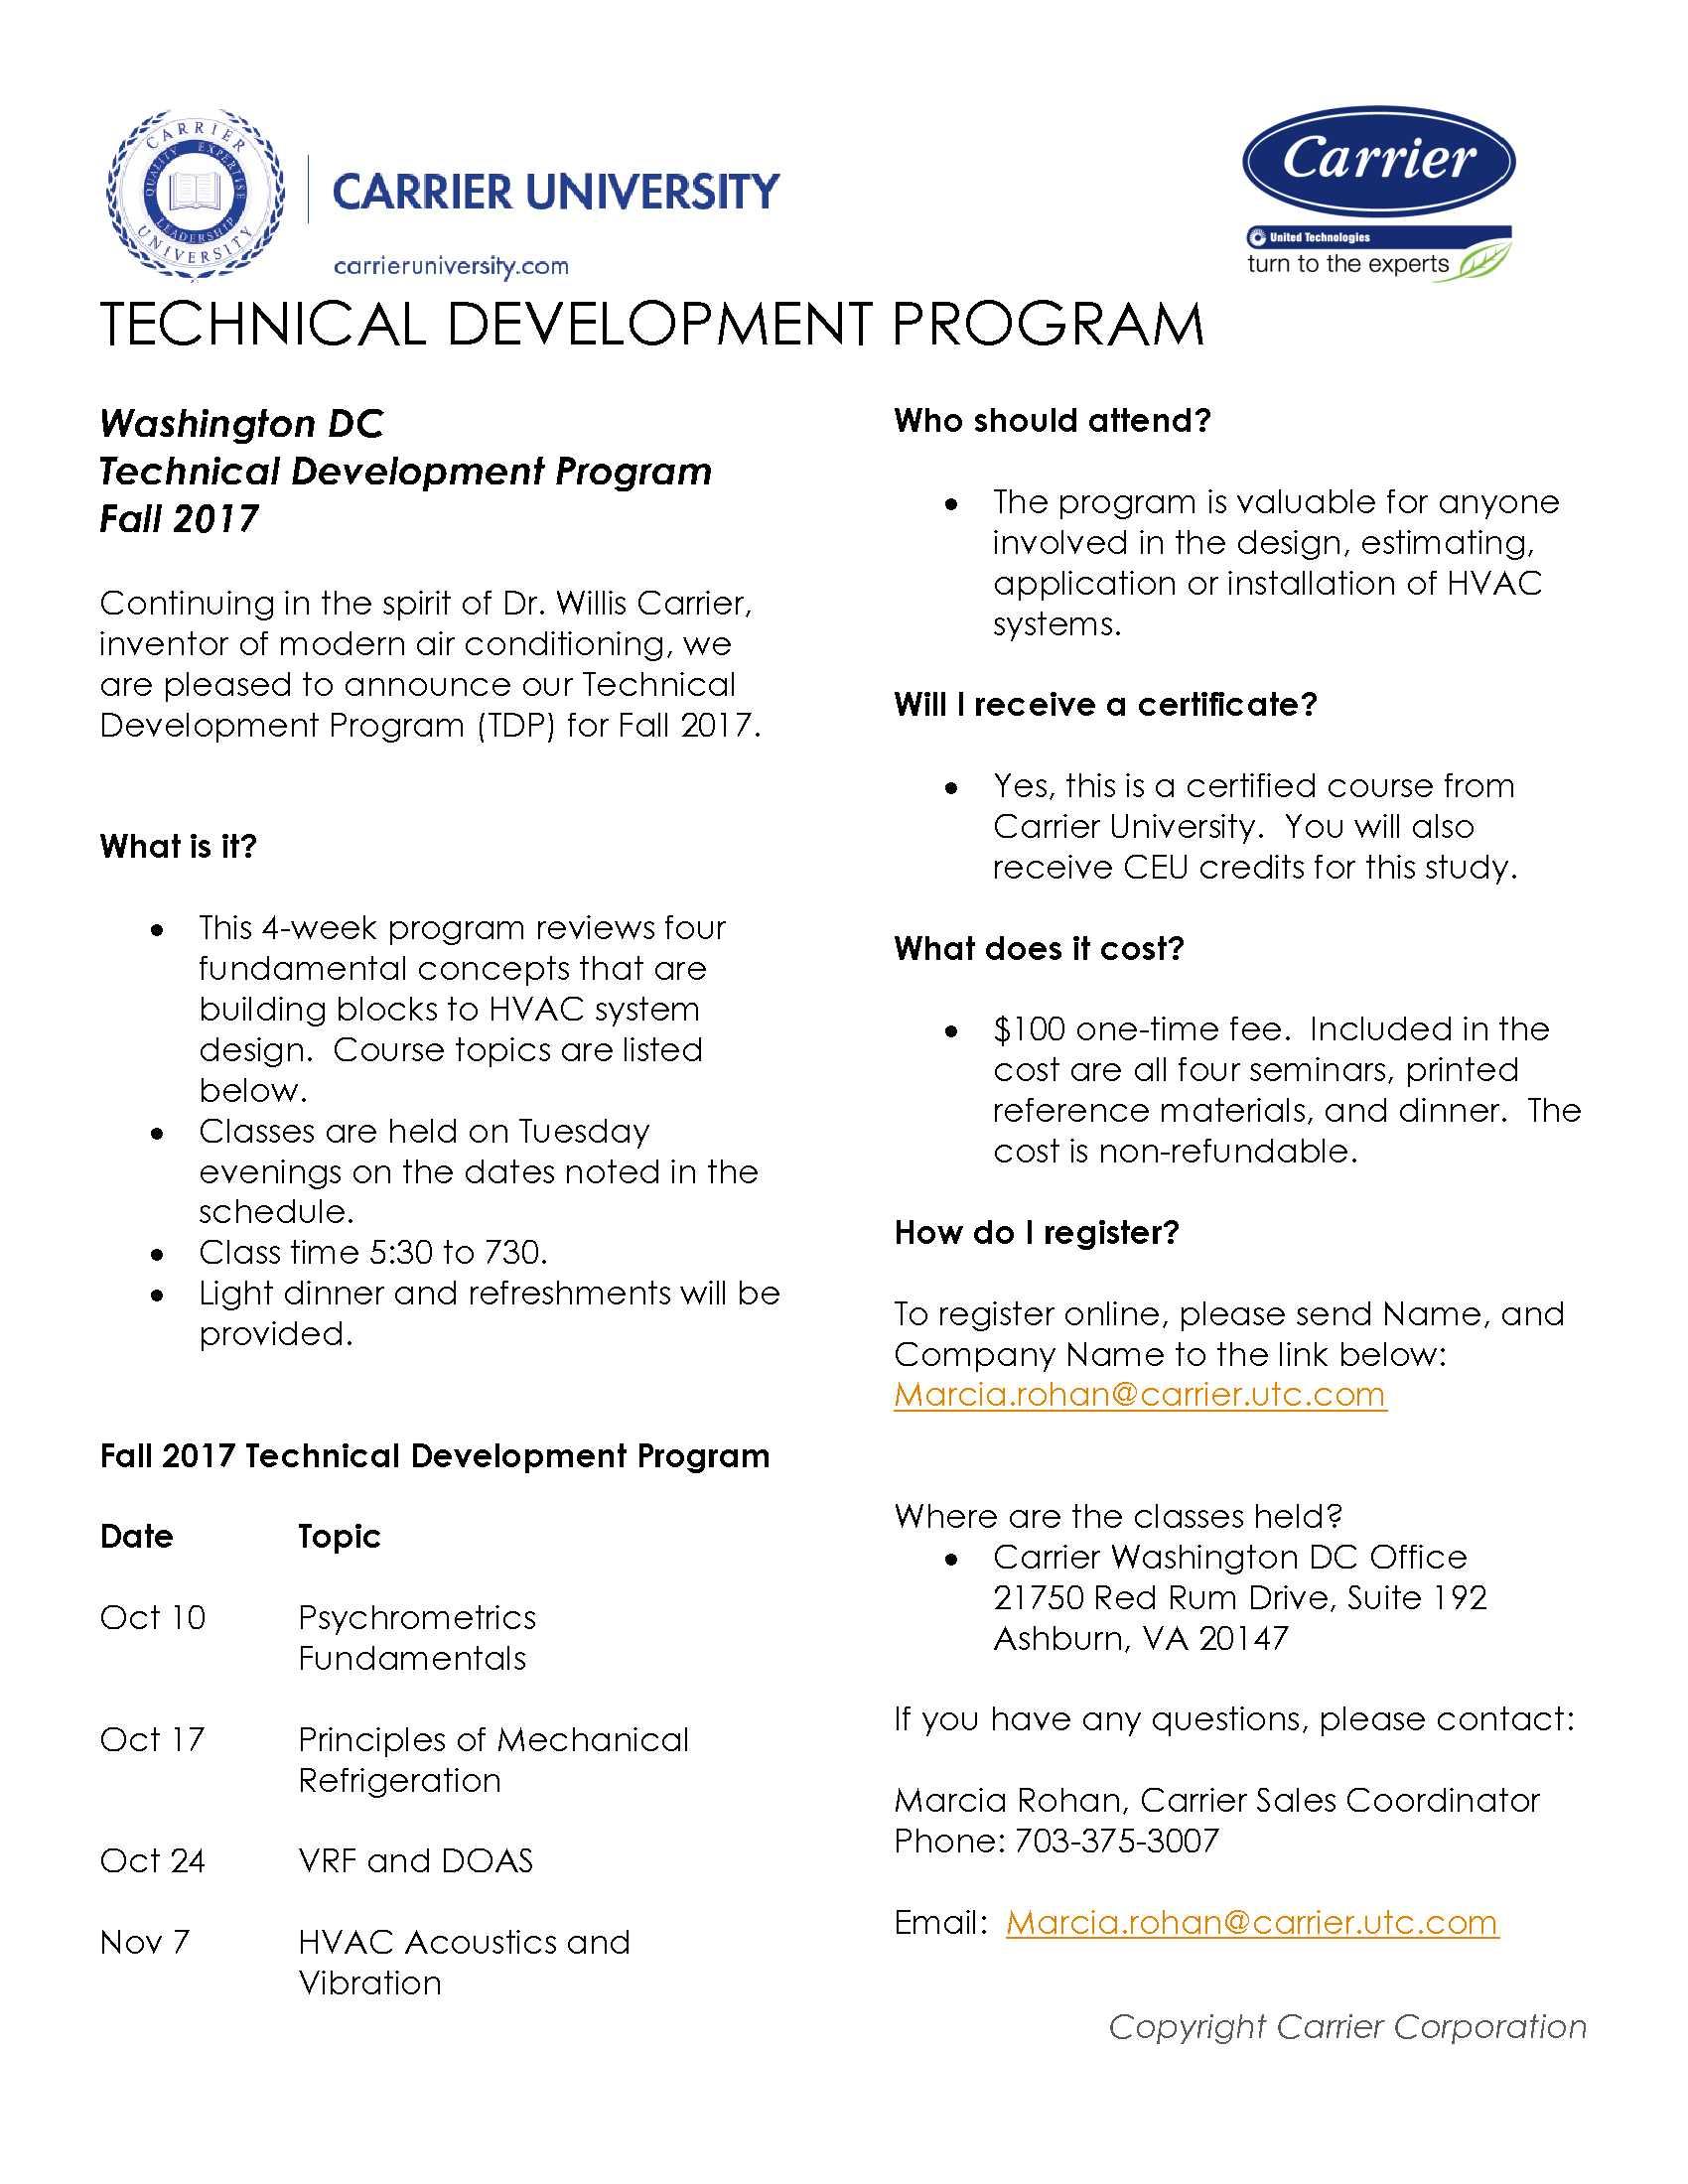 TDP Flyer PNG file